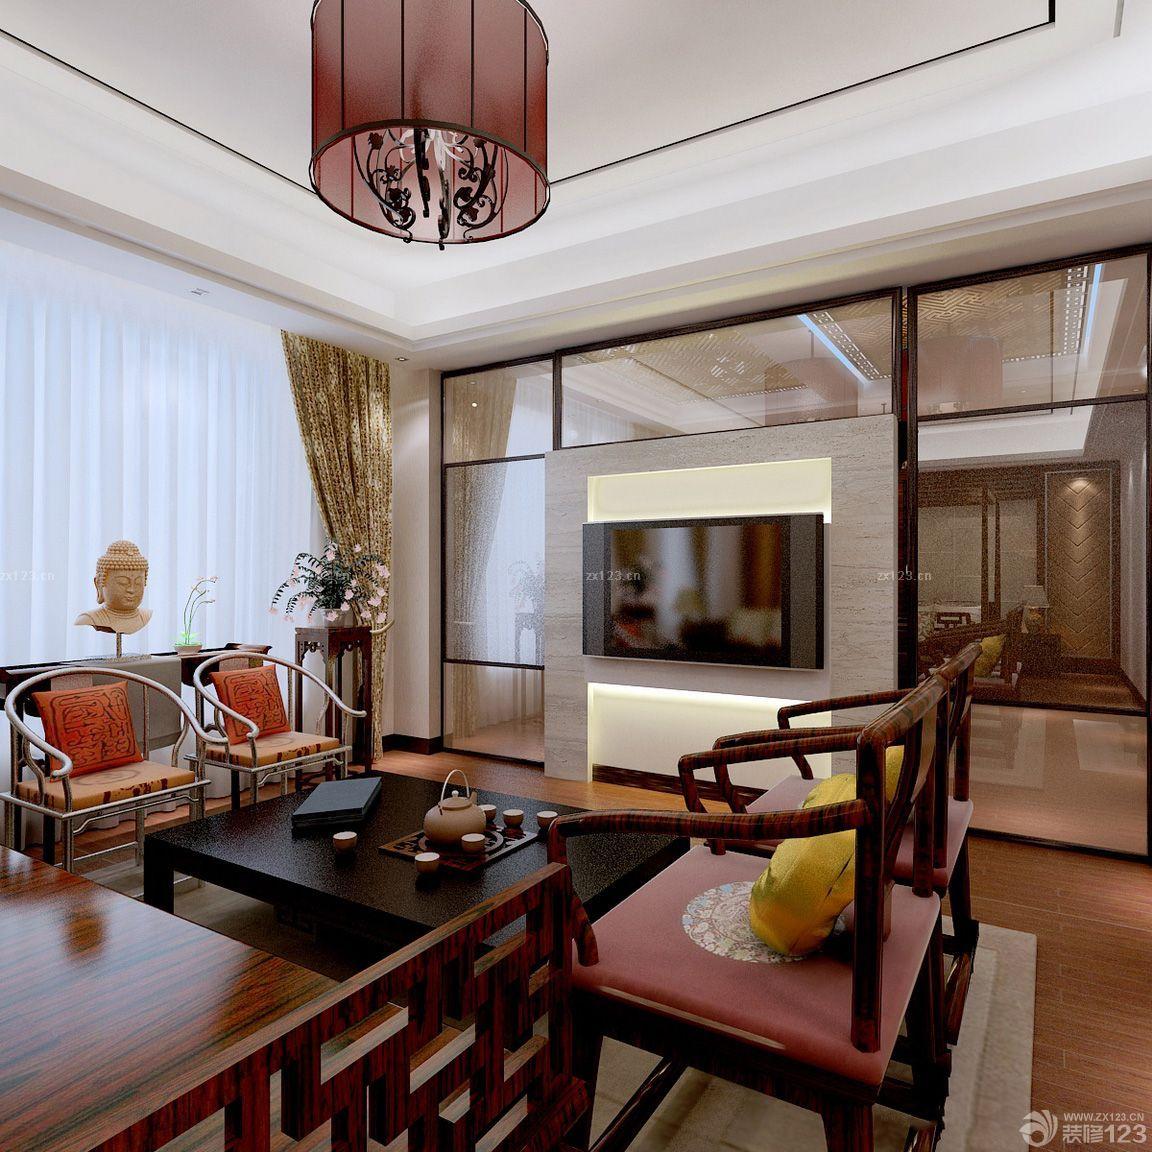 中式家装大理石地板砖设计效果图图片